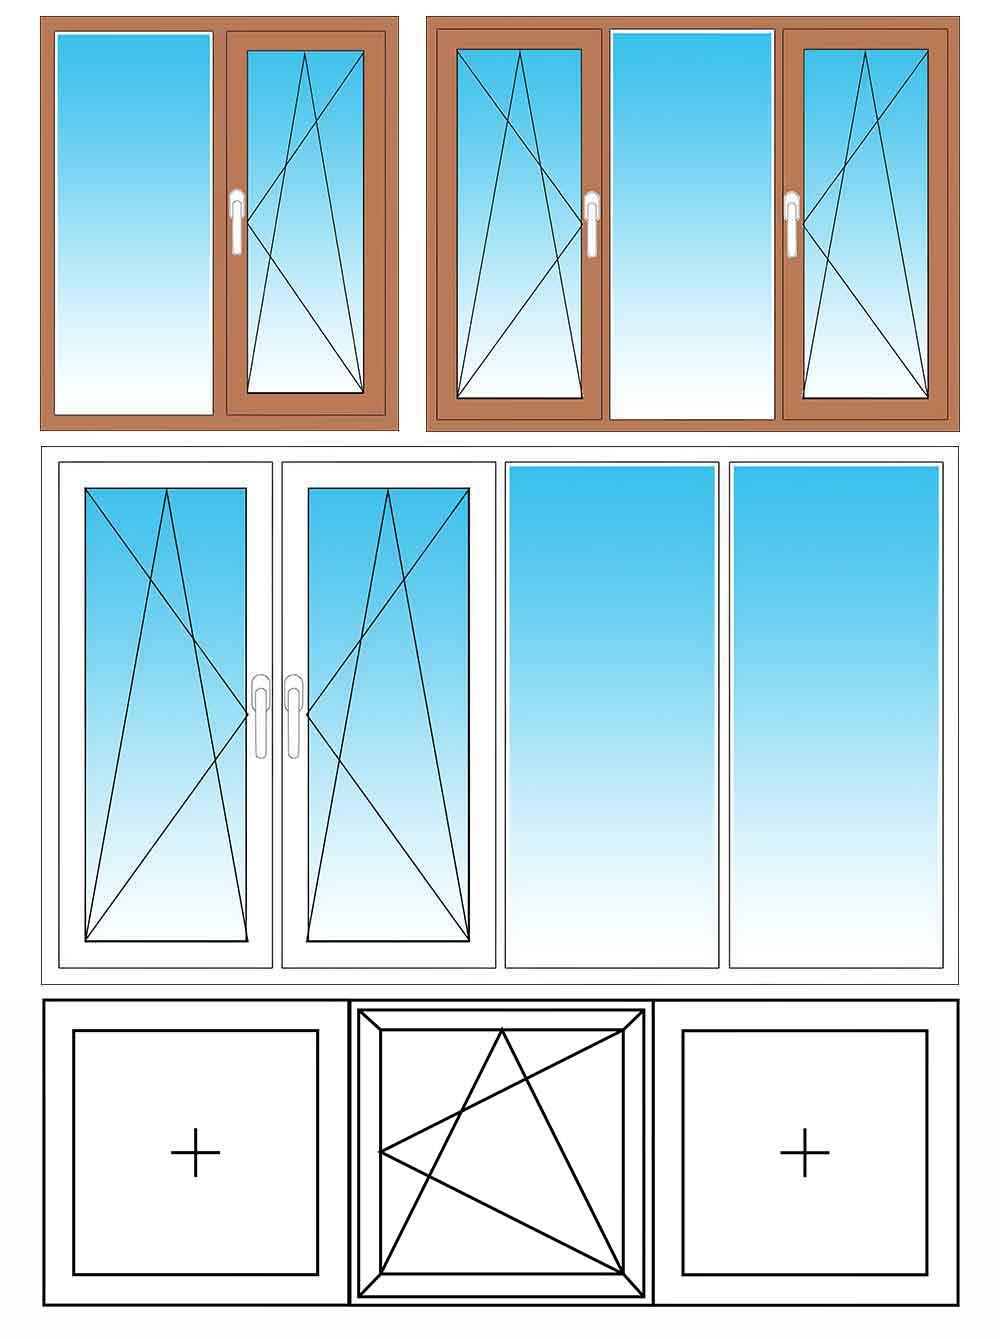 Производственная практика вклеивания стекла